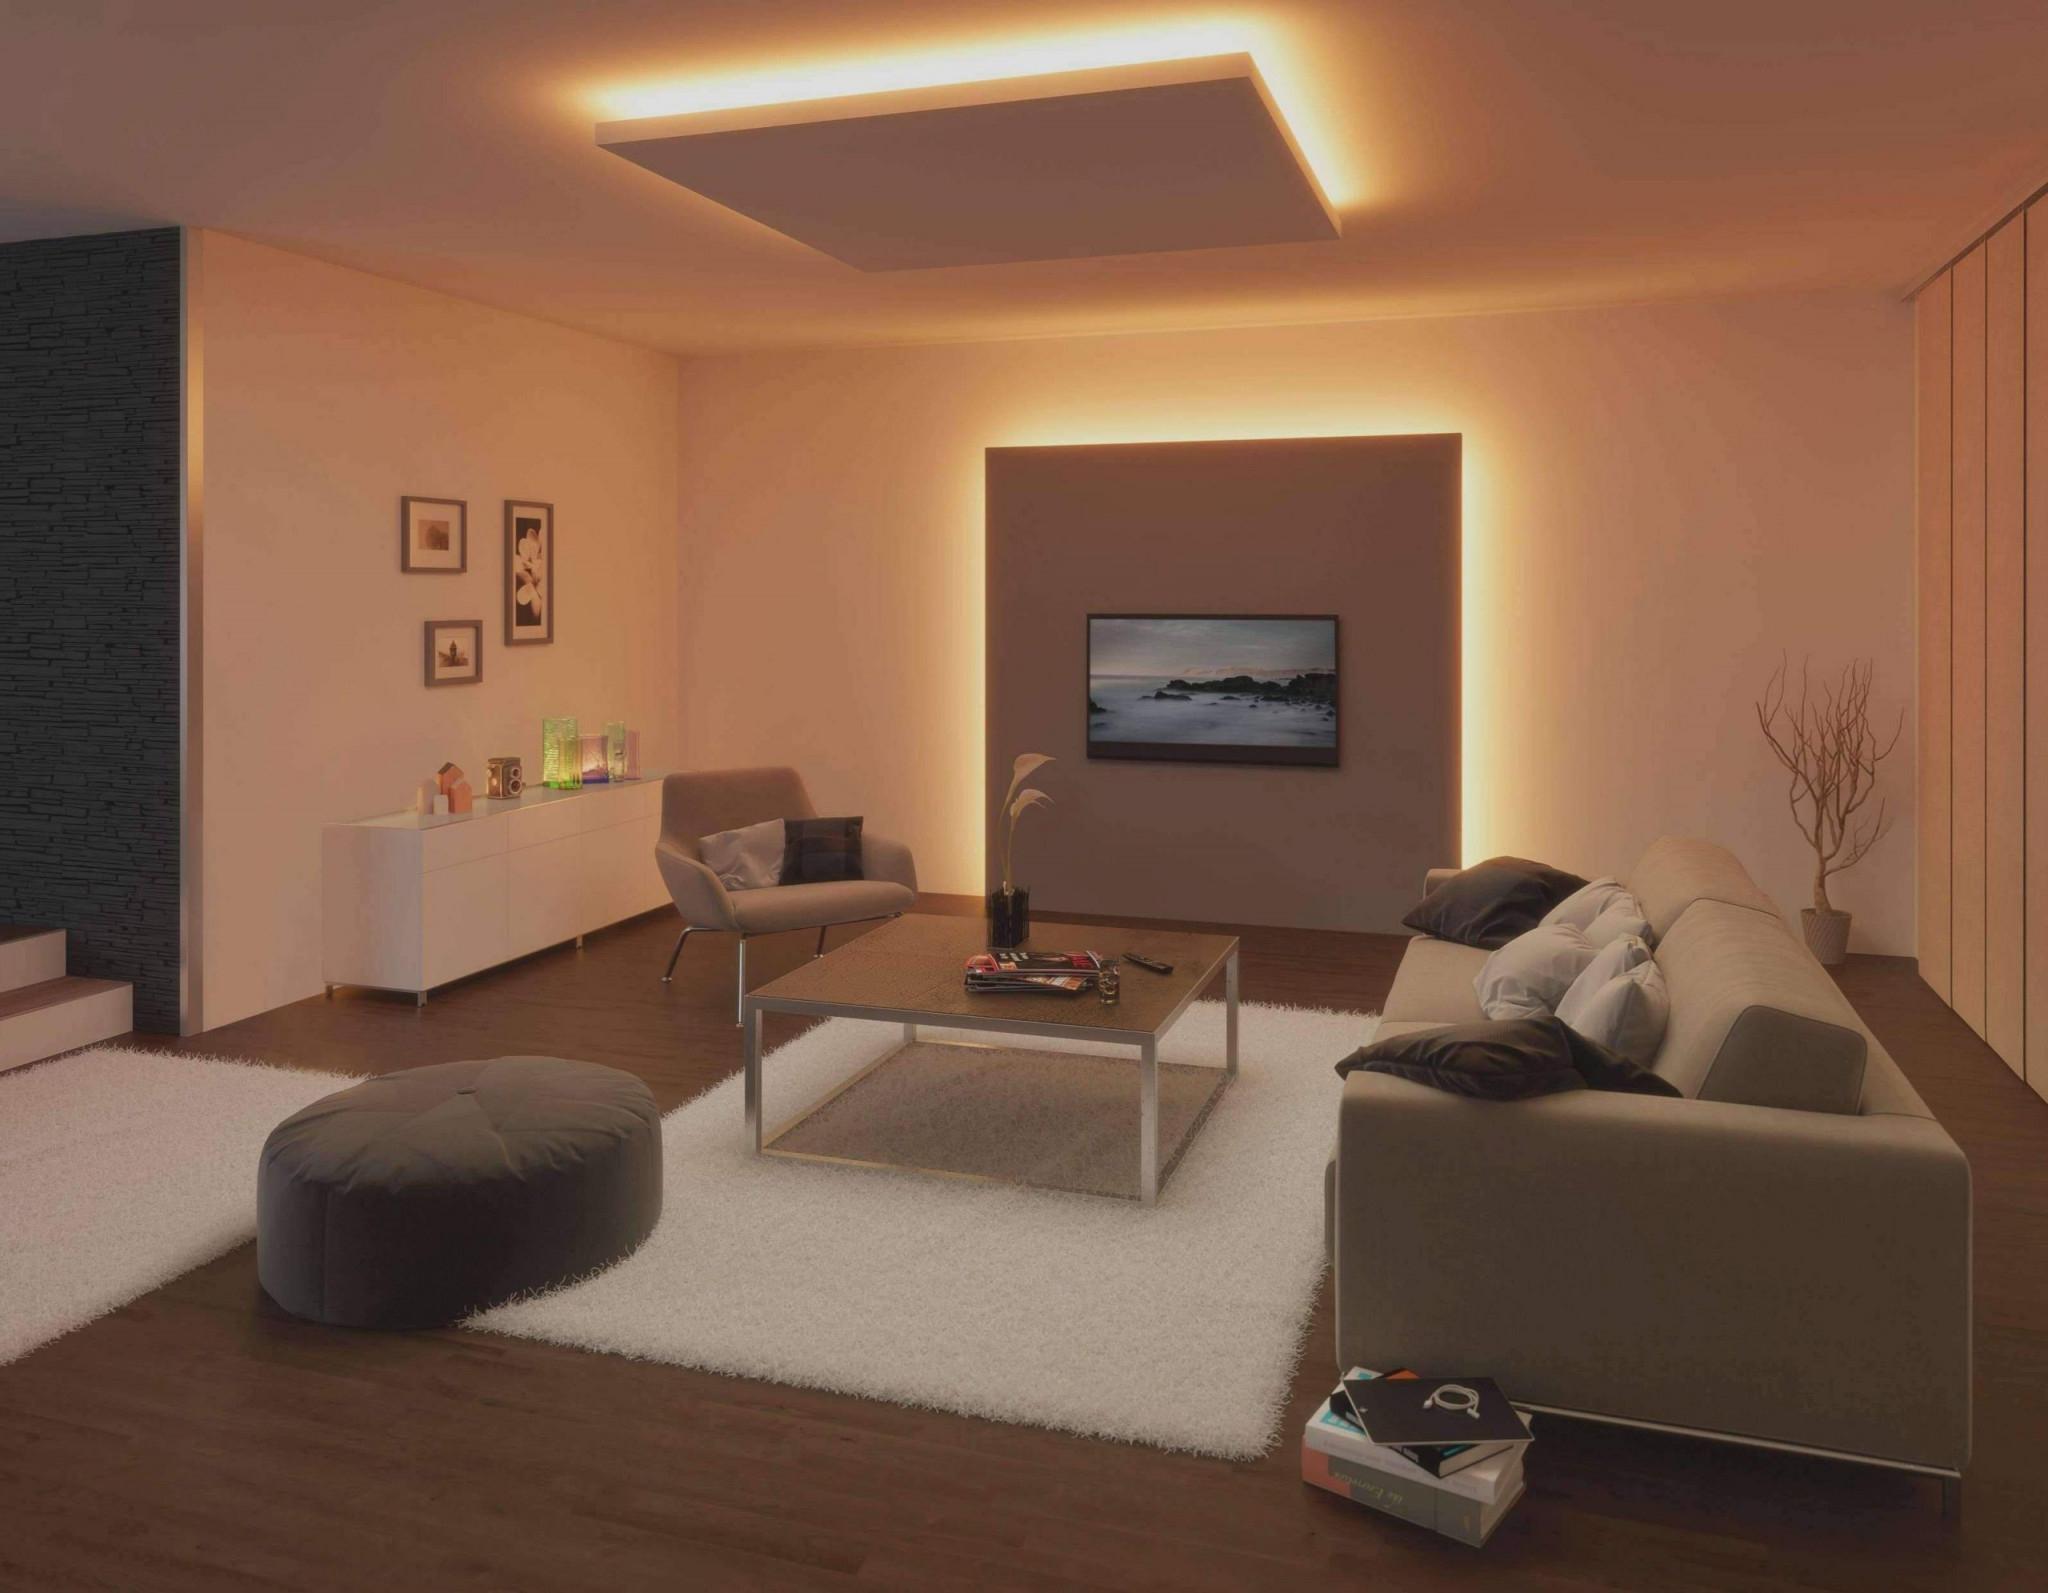 40 Einzigartig Wohnzimmer Holz Reizend  Wohnzimmer Frisch von Wohnzimmer Einrichten Holz Bild